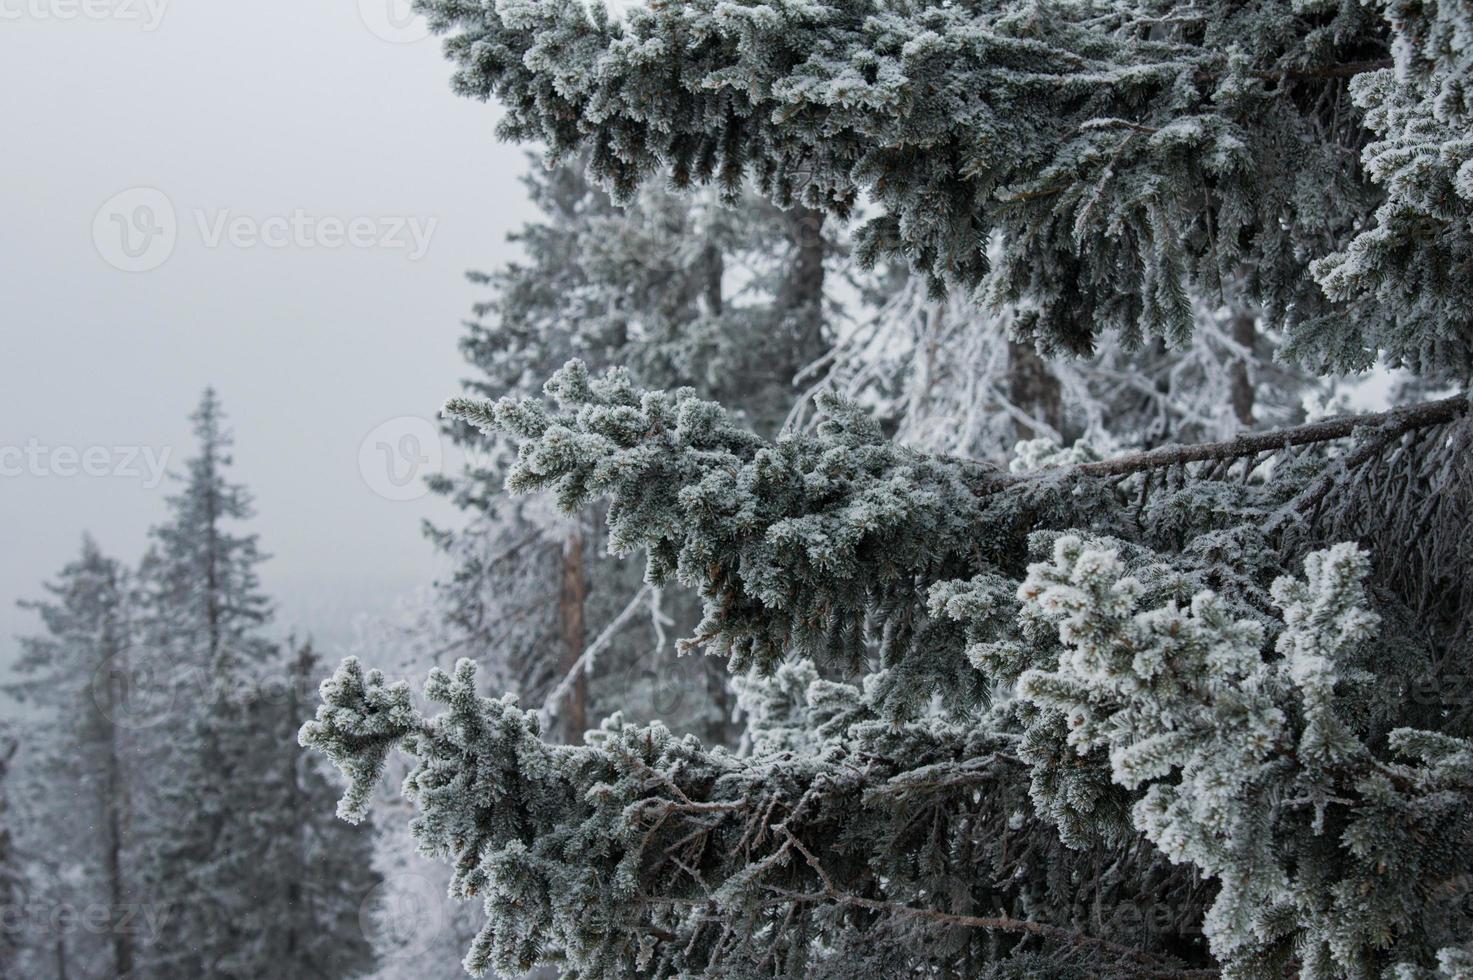 forêt enneigée sur les pentes de la montagne. photo